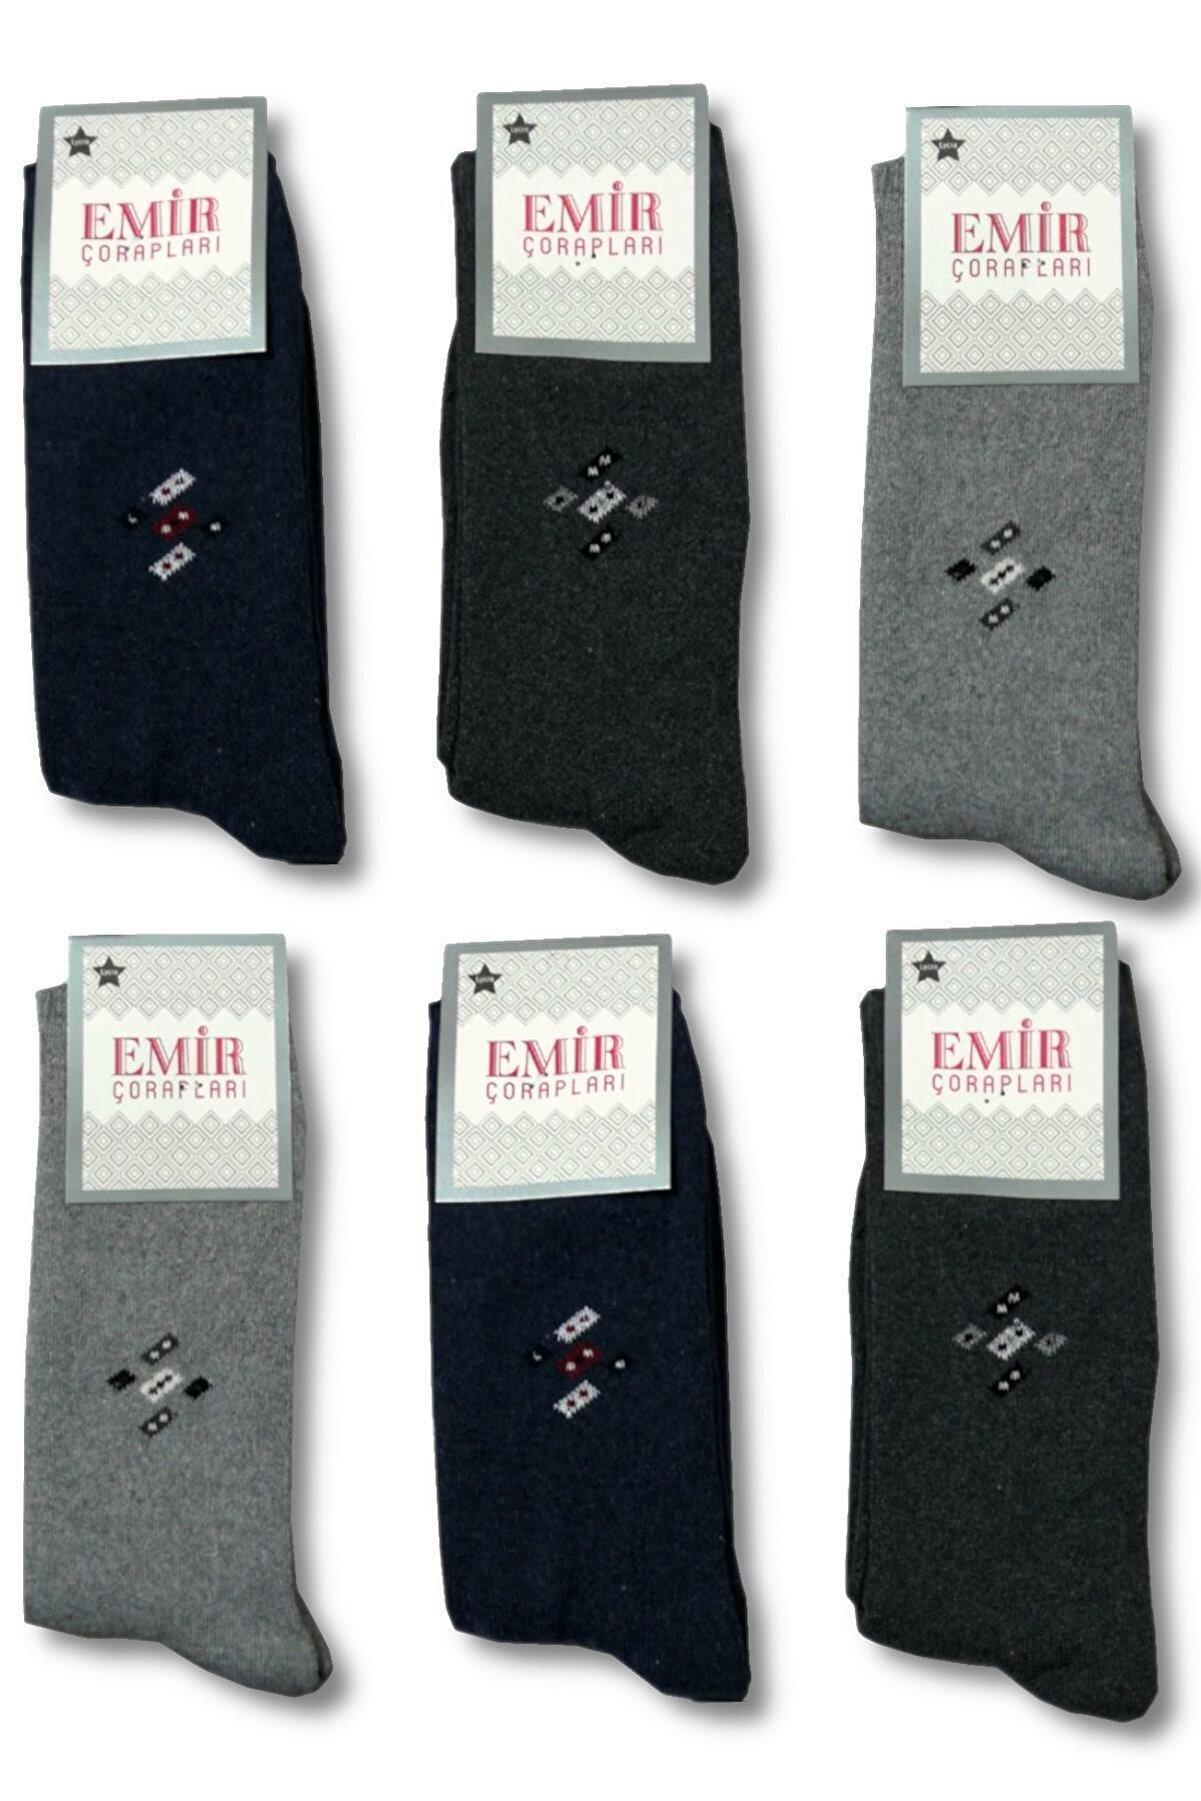 EMIR 6 Çift Emir Kalın Kışlık Havlu Erkek Çorap